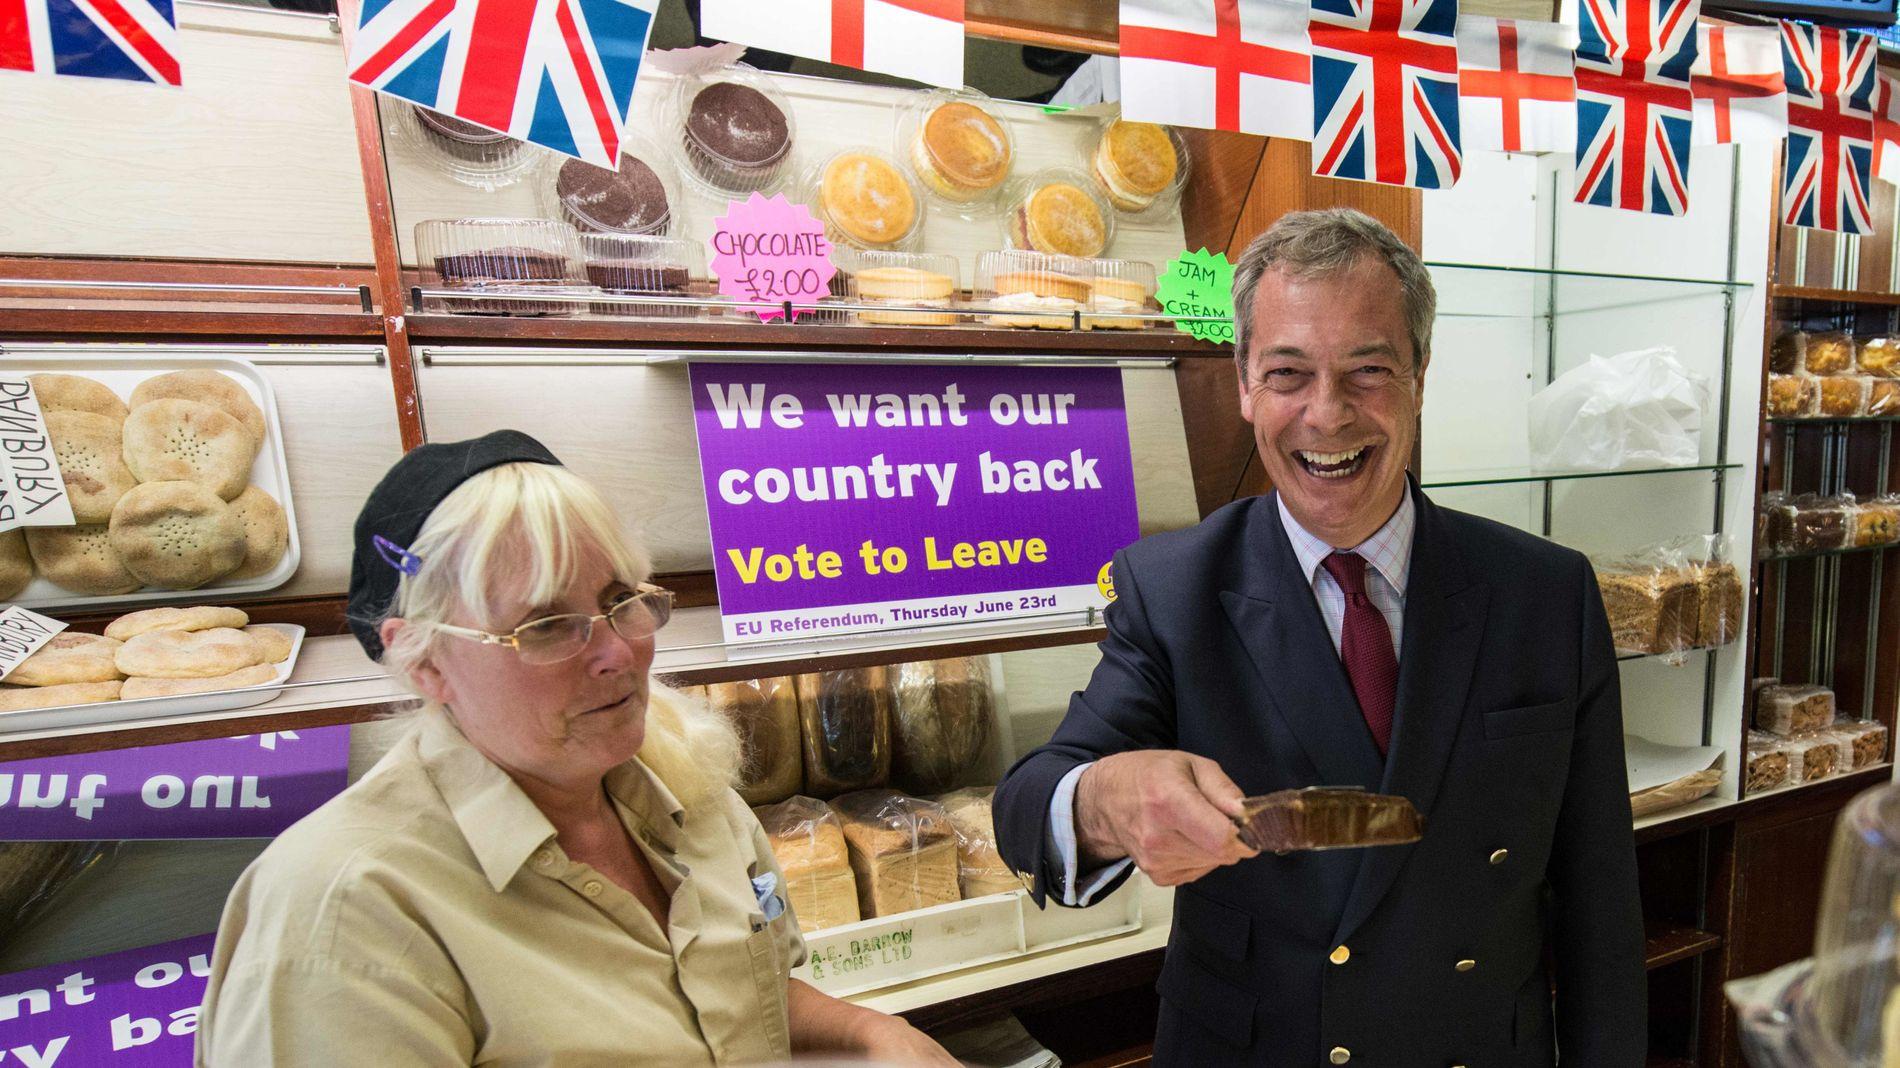 «SKREMMERN»: Britenes mulige «brexit» fra EU skremmer og bekymrer investorer og finansaktører verden over. Nei-forkjemperen Nigel Farage, partileder for UK Independence Party (UKIP), besøkte denne uken blant annet dette bakeriet i Sittingbourne for å drive valgkamp før folkeavstemningen.